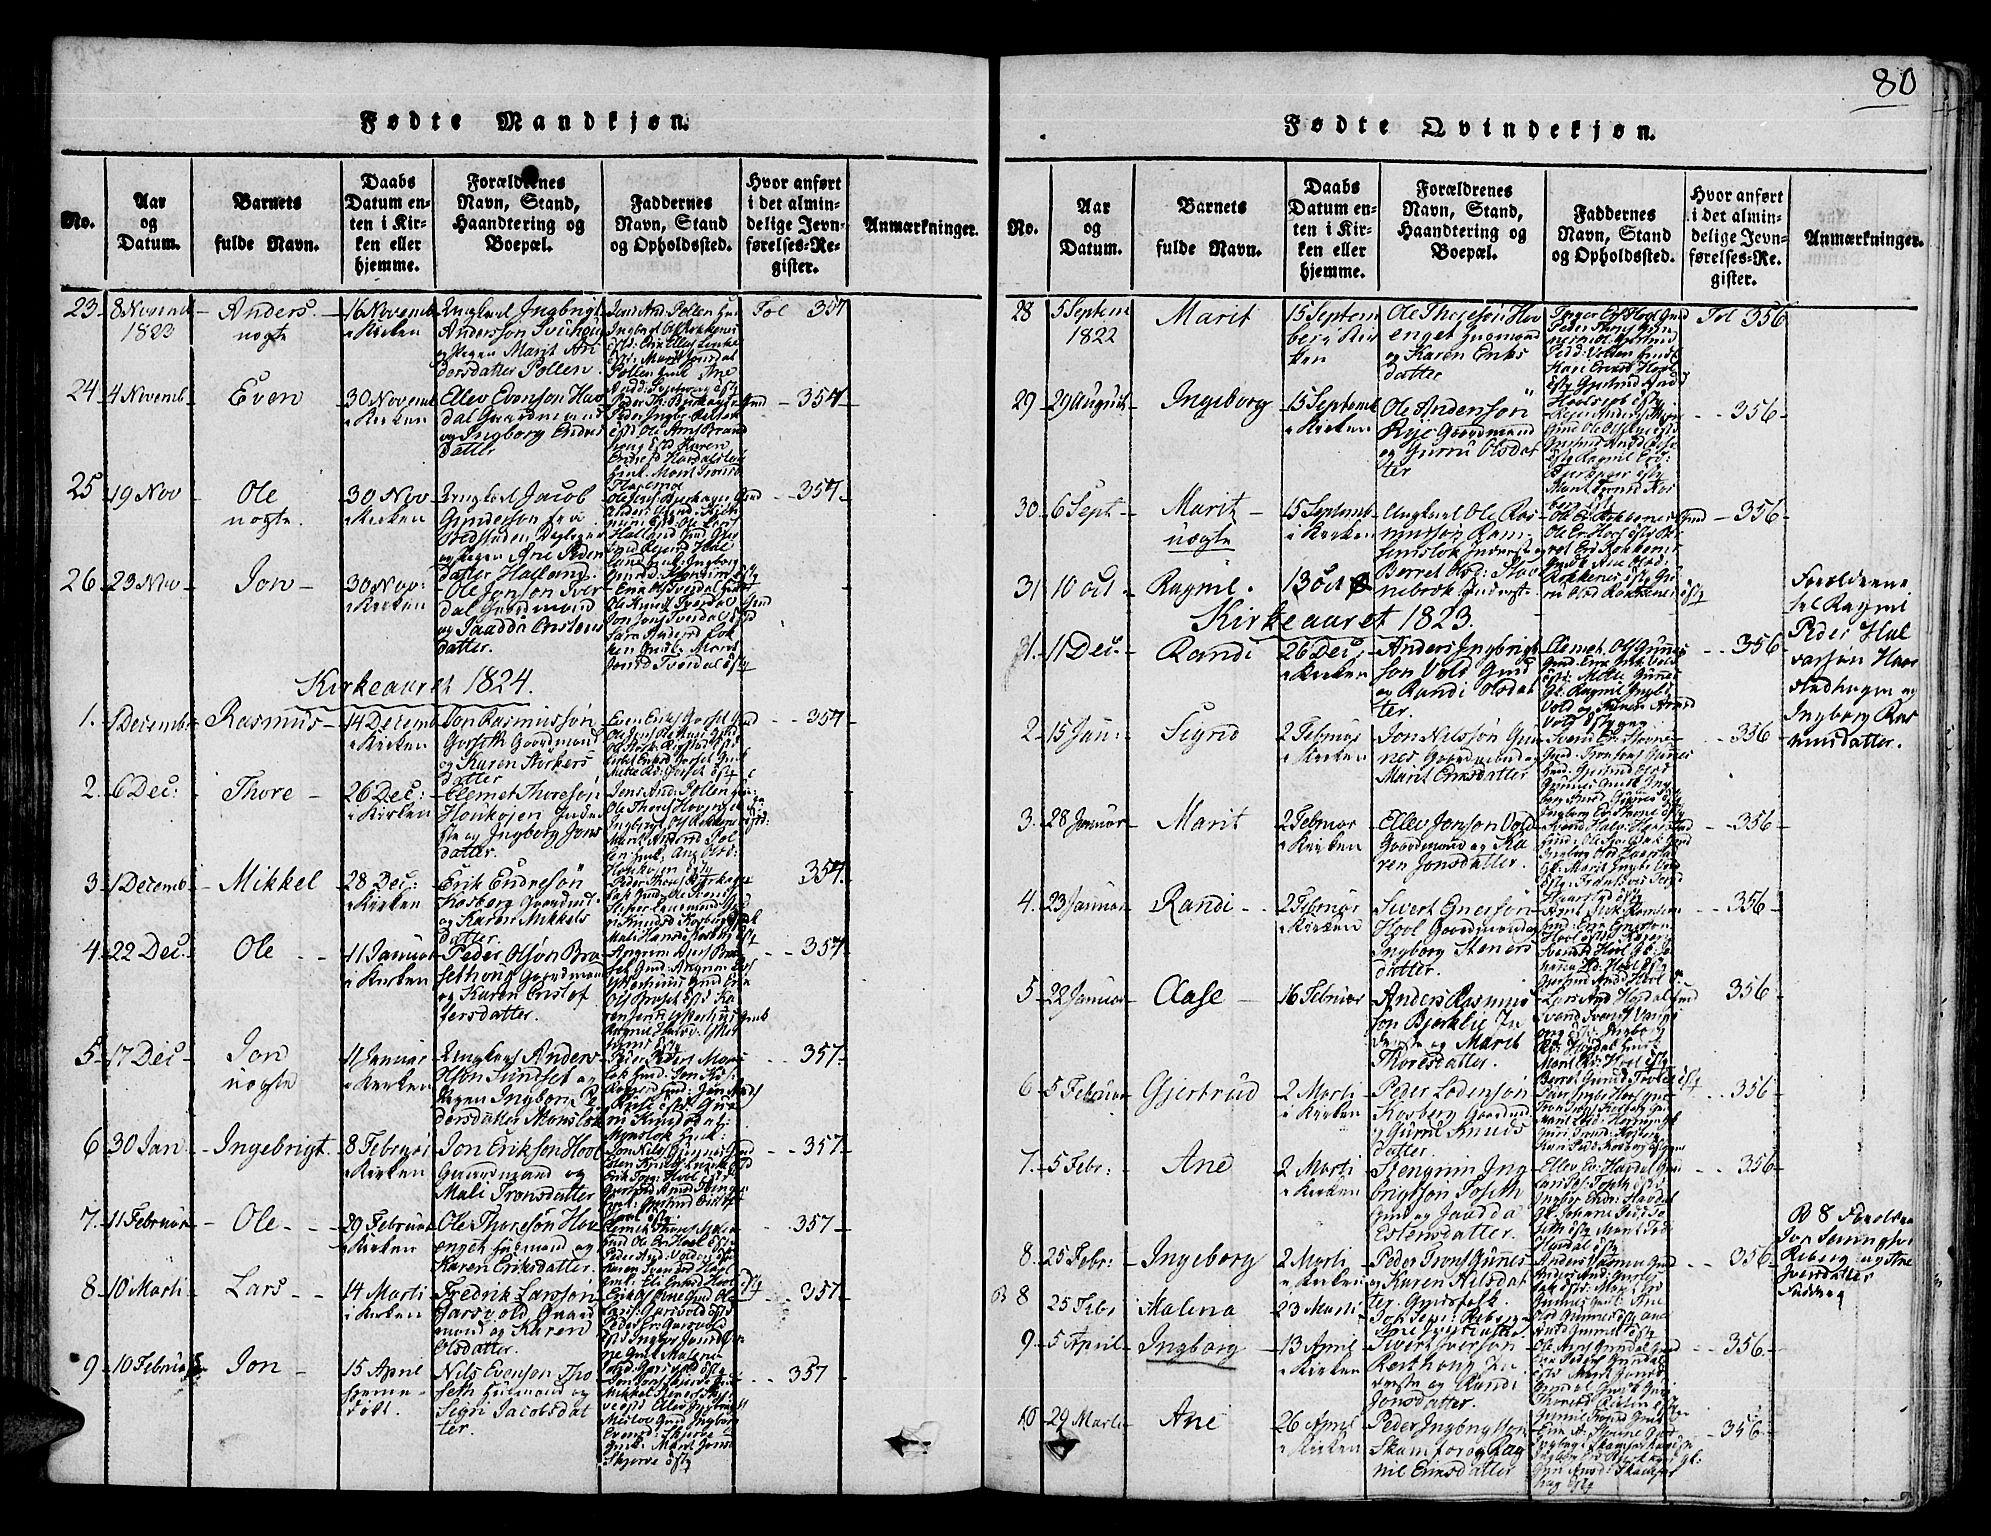 SAT, Ministerialprotokoller, klokkerbøker og fødselsregistre - Sør-Trøndelag, 672/L0854: Ministerialbok nr. 672A06 /2, 1816-1829, s. 80